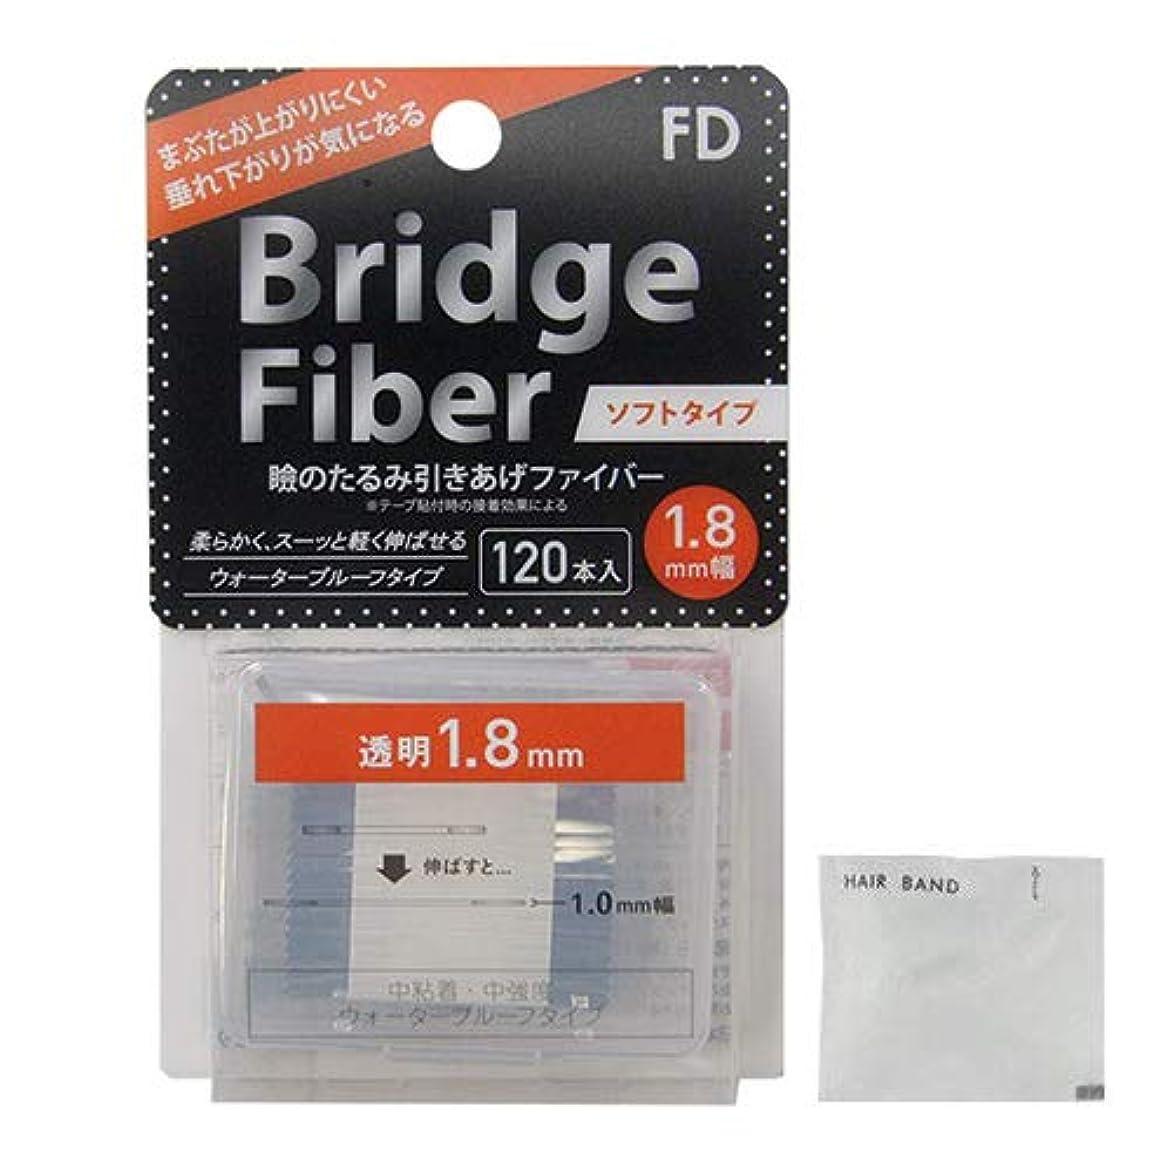 確かめる宿題をする秘密の【増量120本!】FD ブリッジソフトファイバー 眼瞼下垂防止テープ ソフトタイプ 透明1.8mm幅 120本入り + ヘアゴム(カラーはおまかせ)セット